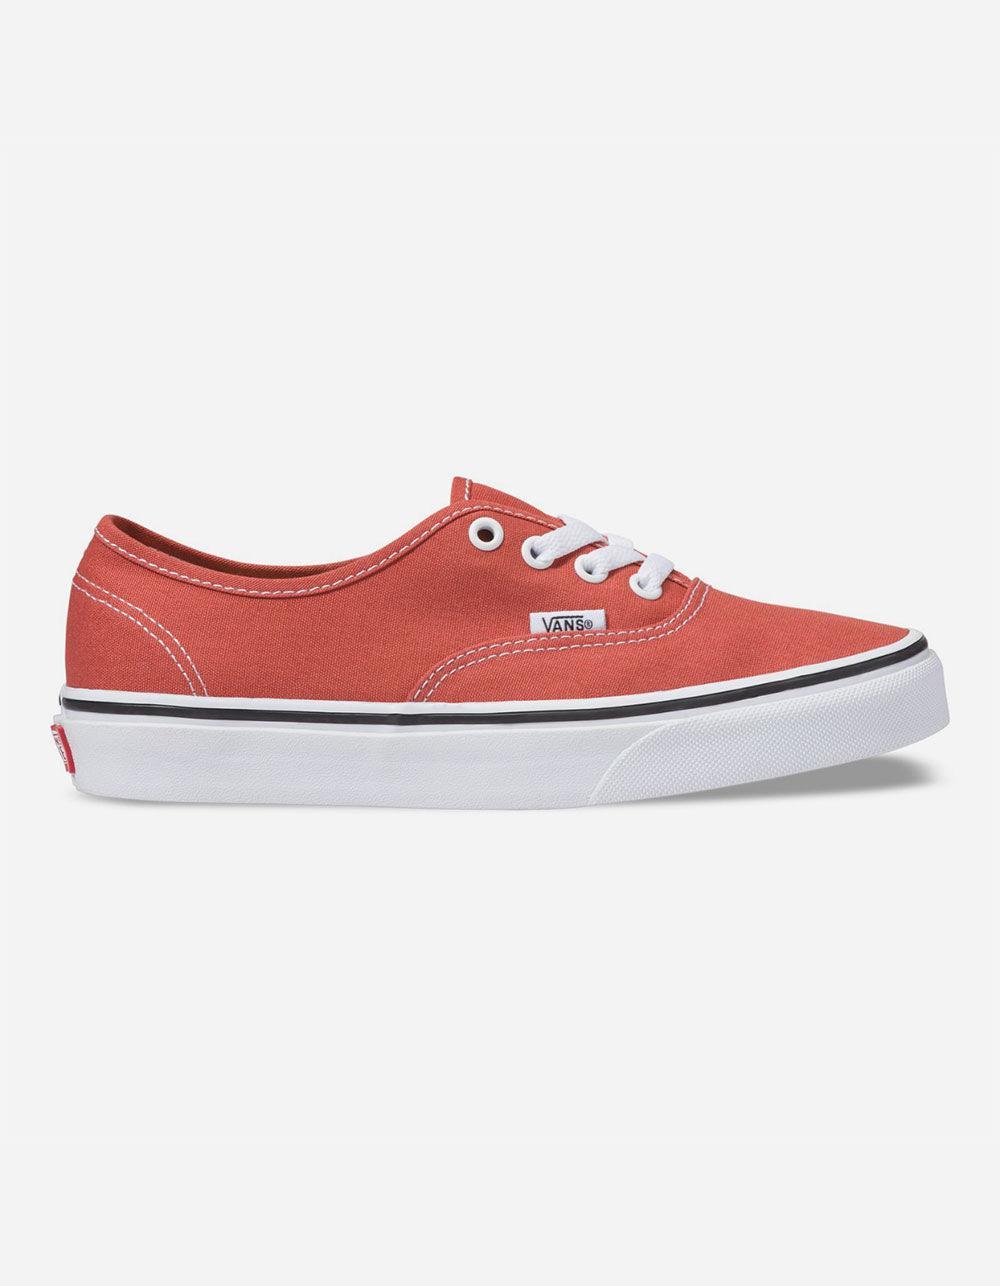 99b064f0fd6c99 Lyst - Vans Authentic Hot Sauce   True White Womens Shoes